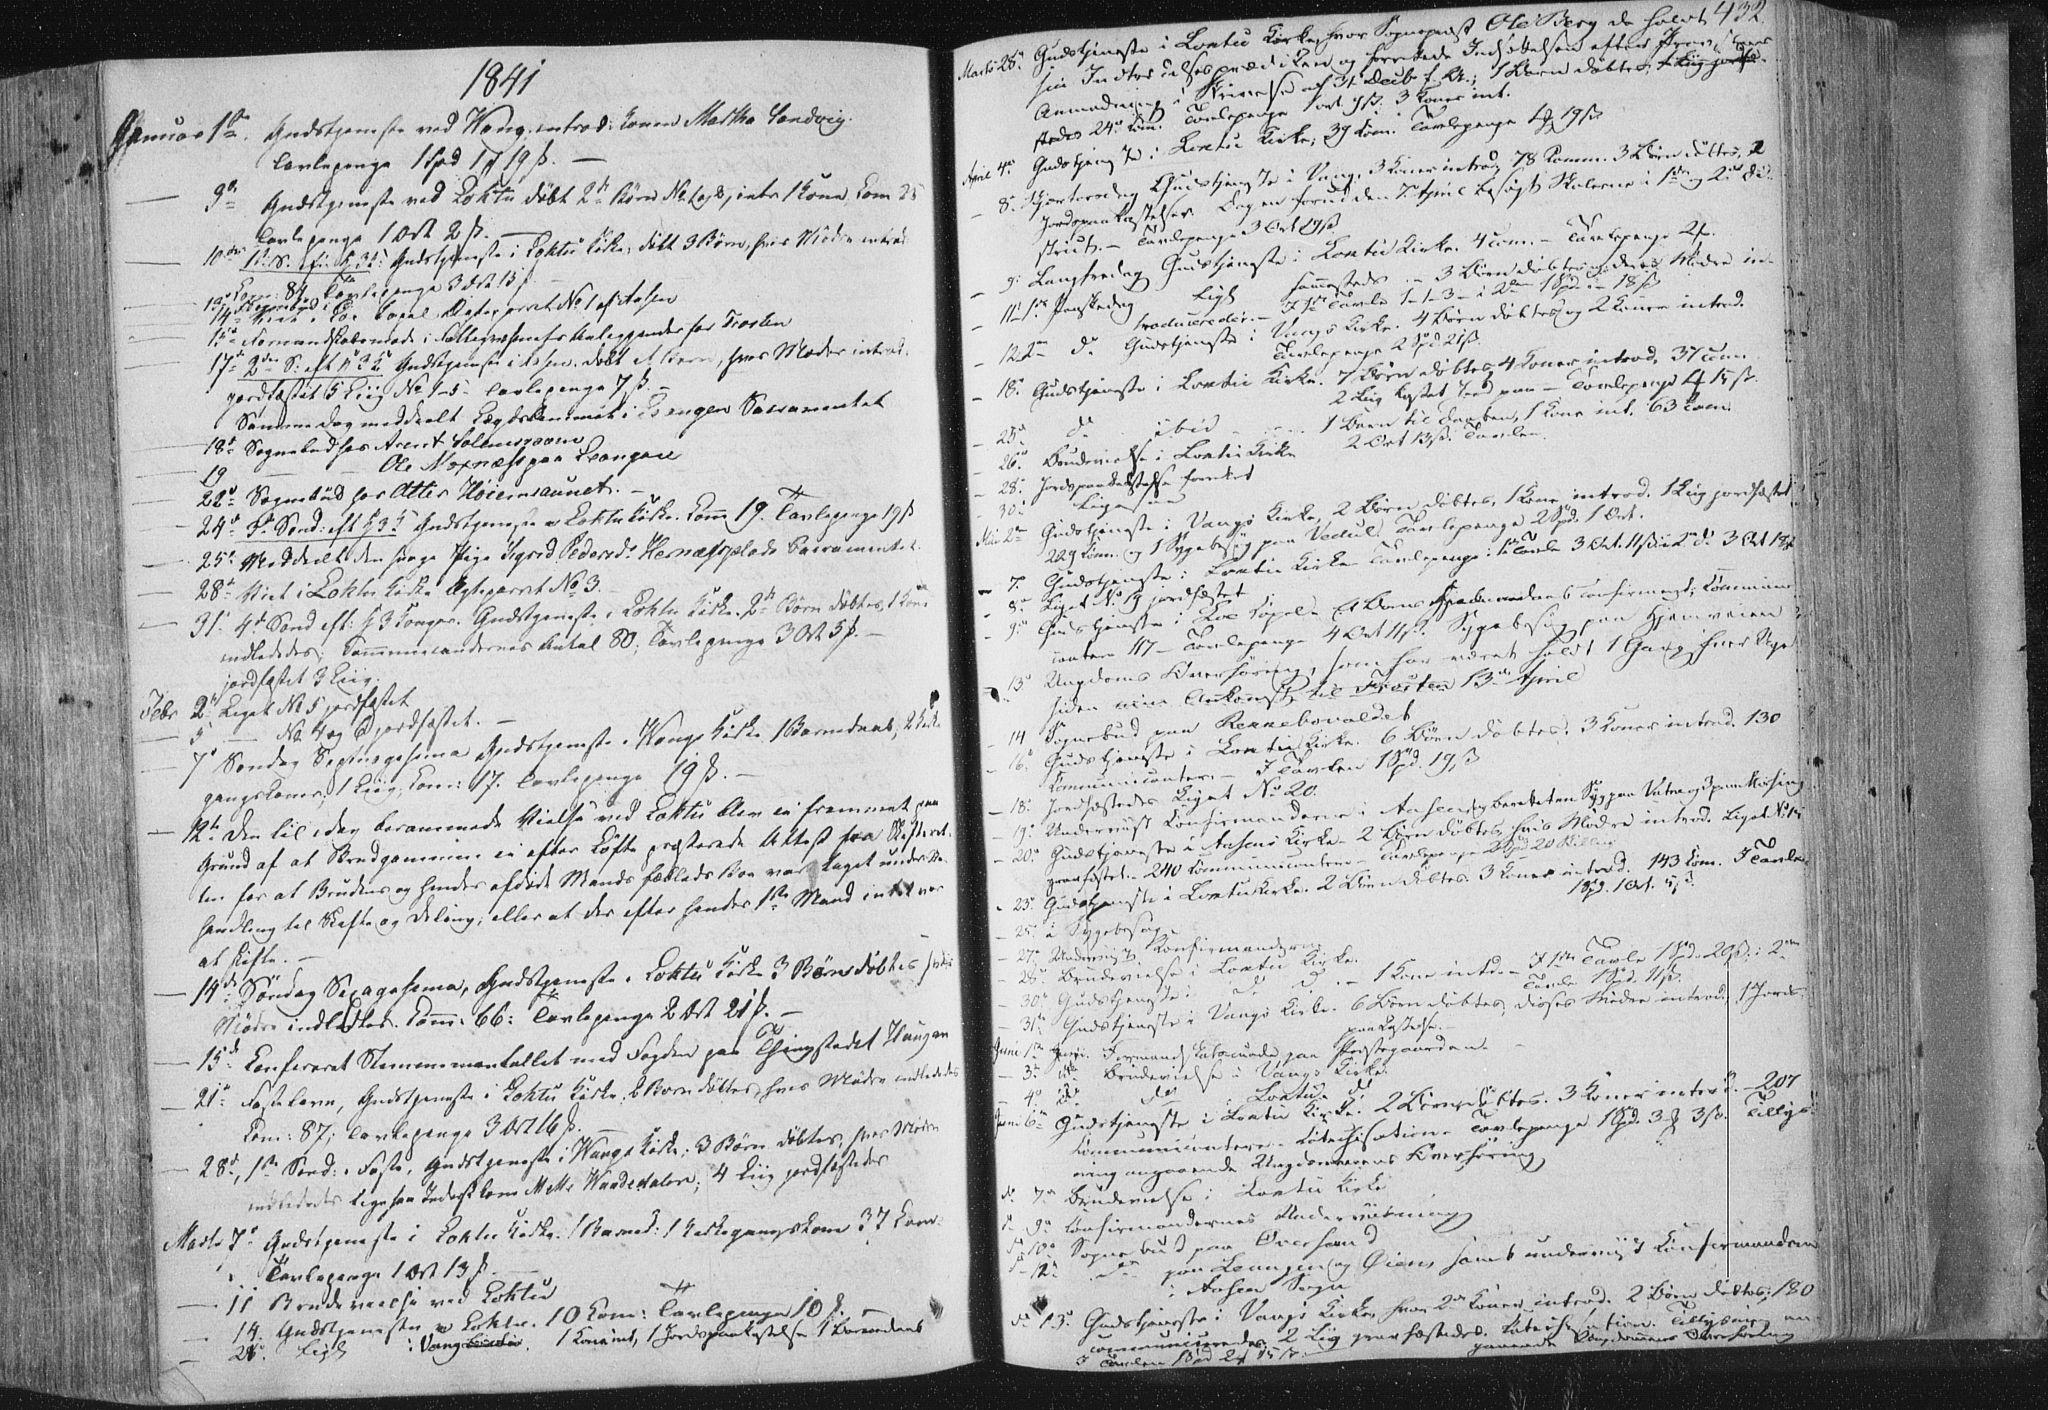 SAT, Ministerialprotokoller, klokkerbøker og fødselsregistre - Nord-Trøndelag, 713/L0115: Ministerialbok nr. 713A06, 1838-1851, s. 432